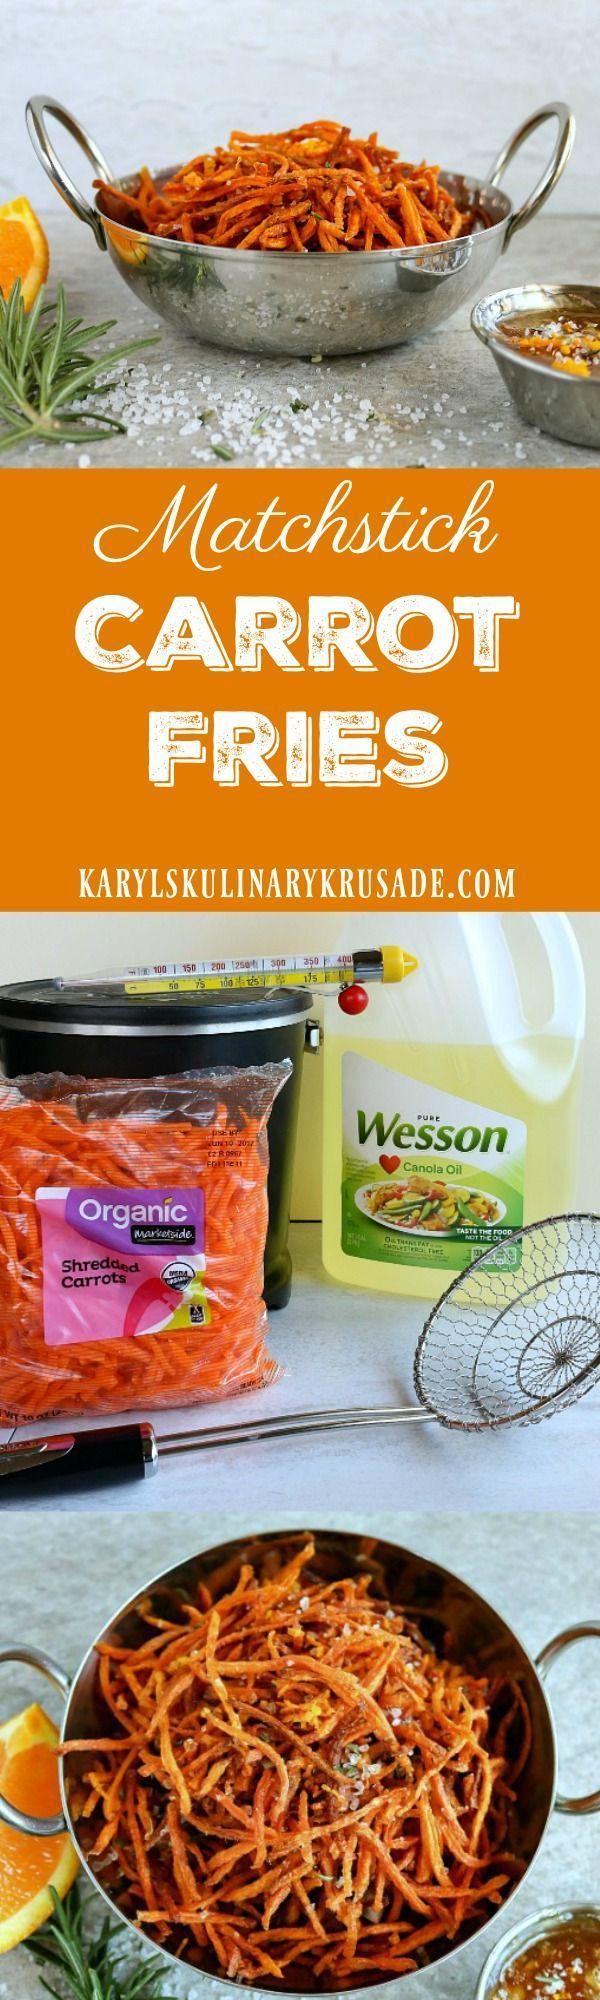 Matchstick Carrot Fries